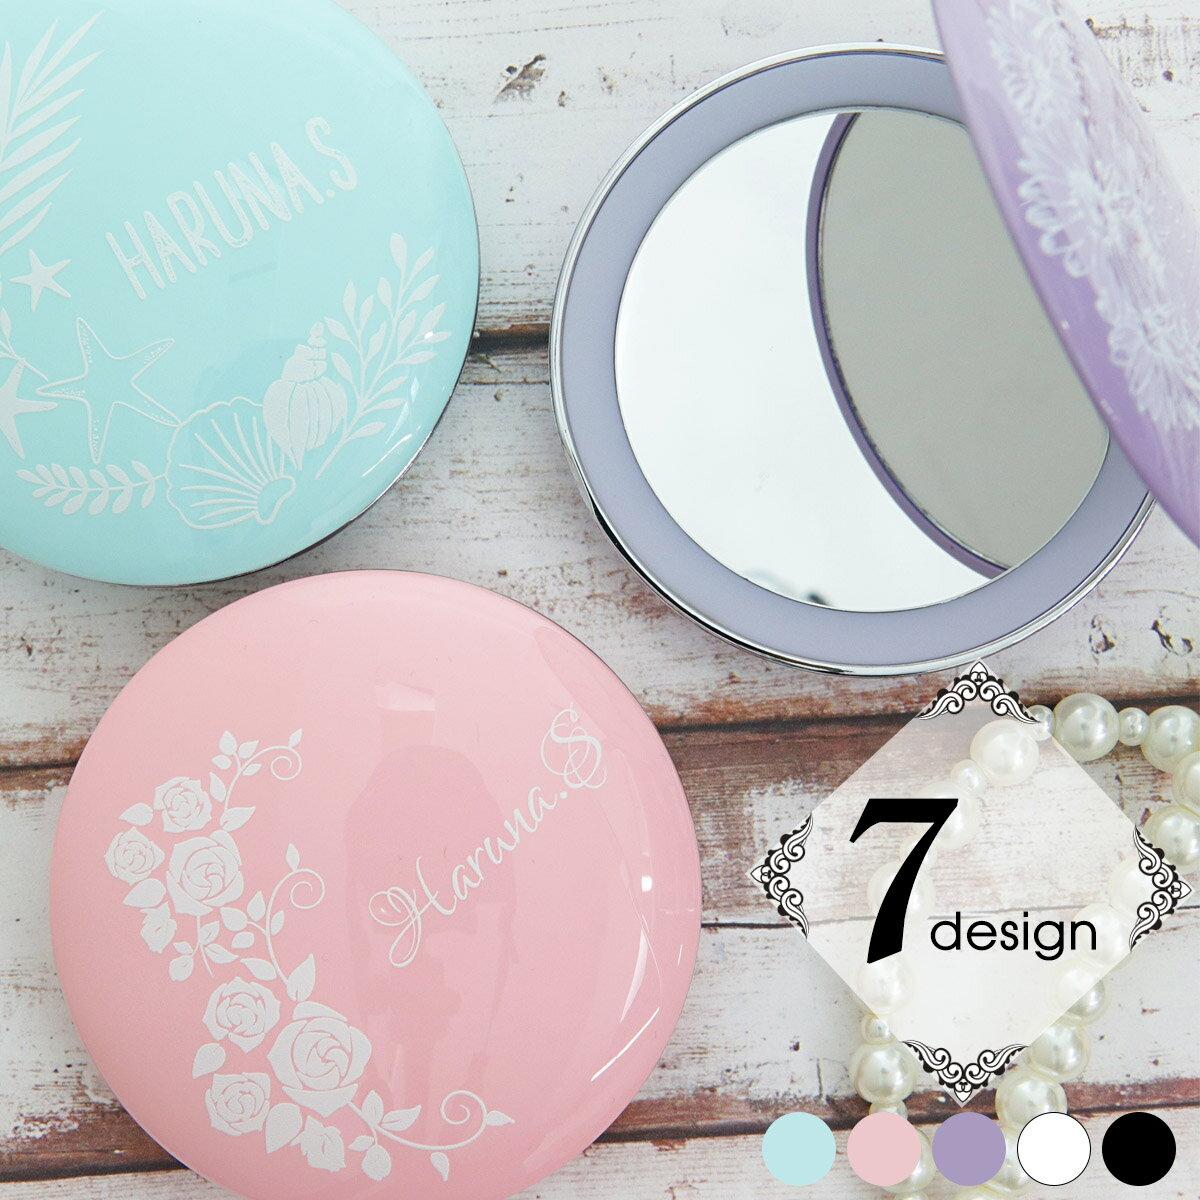 名入れ対応 刻印対応 LEDライト付き コンパクトミラー 拡大鏡 等倍鏡 鏡 デザインミラー LEDミラー LED付きミラー 女優ミラー コンパクト女優ミラー